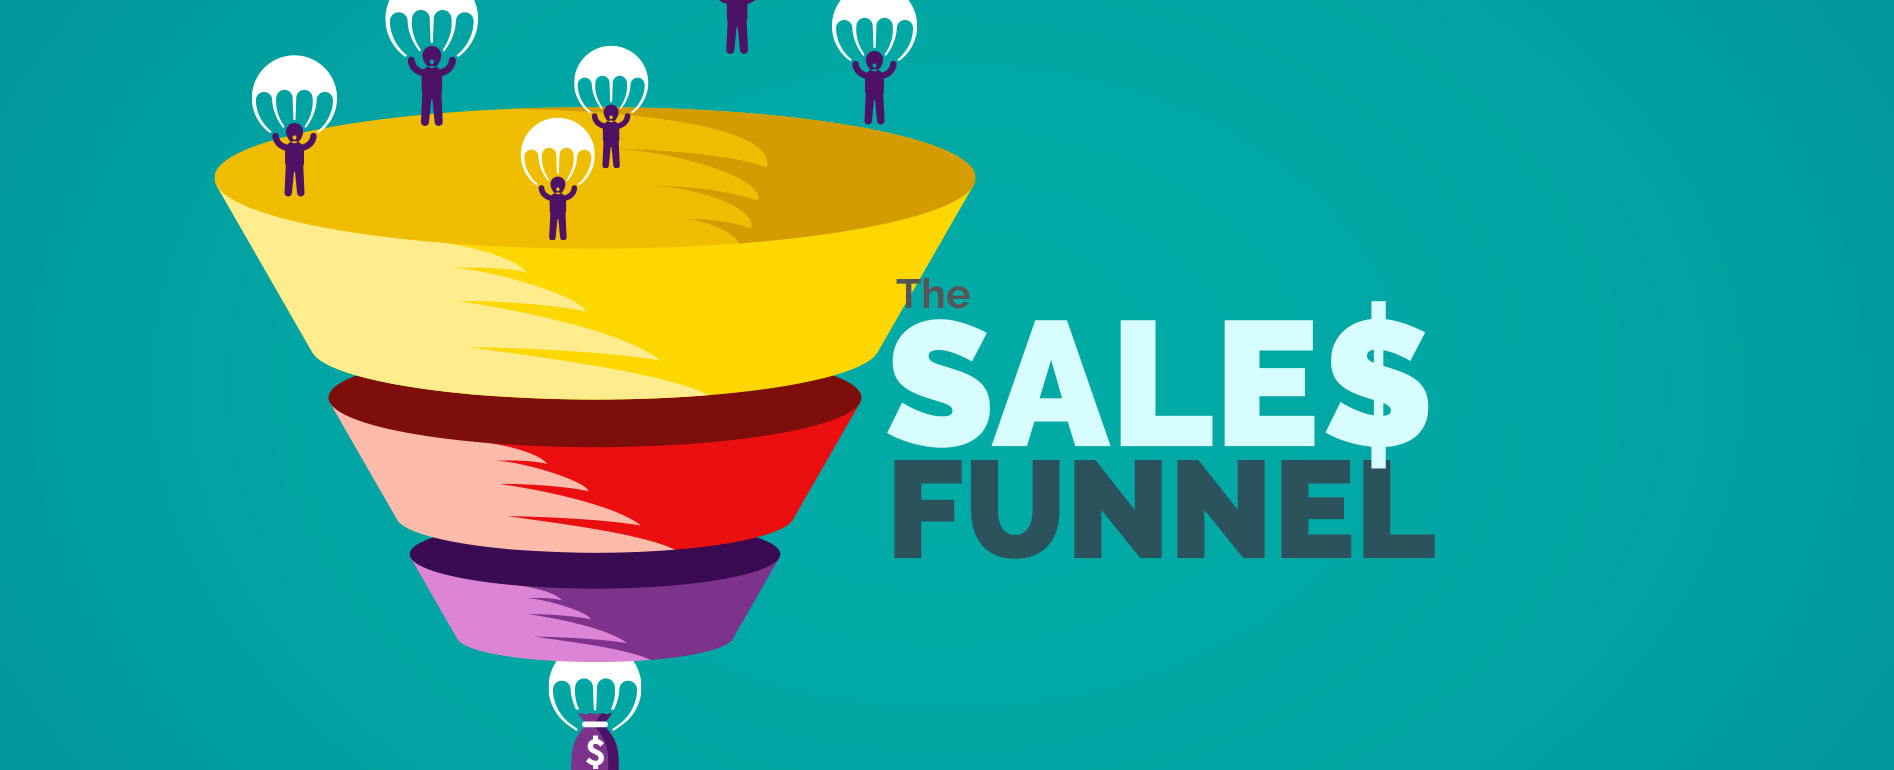 sales-funnel-inceased